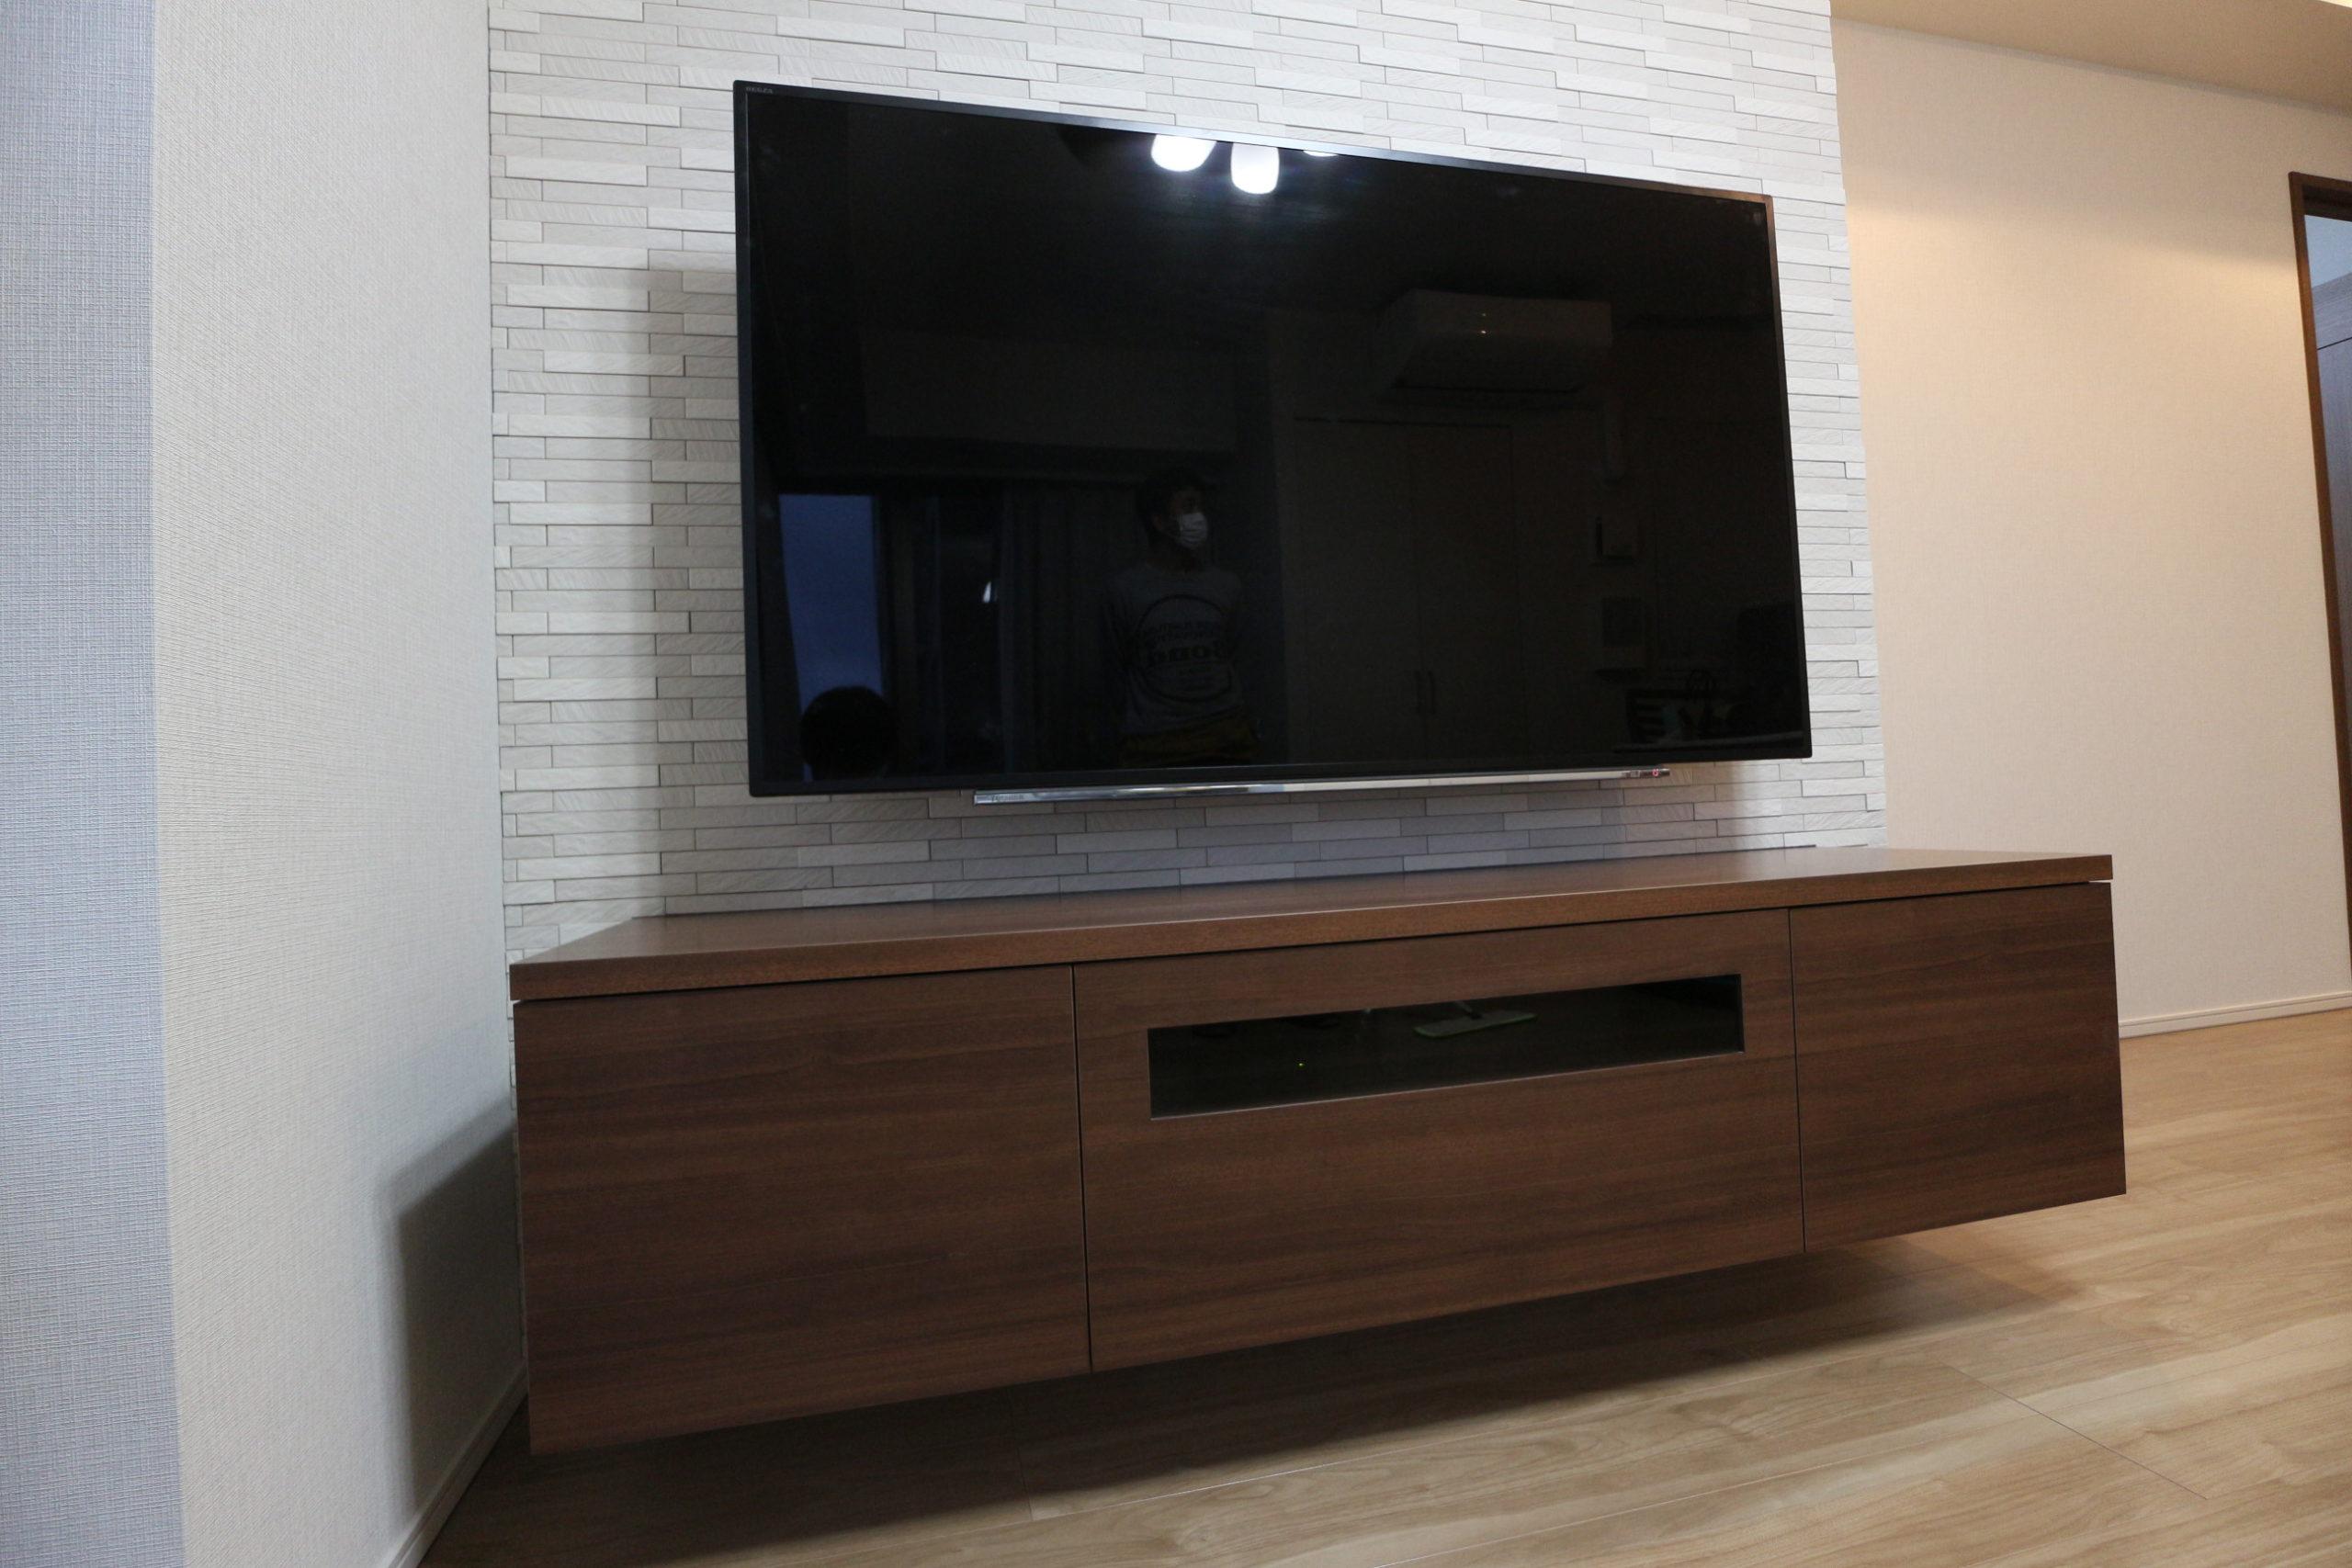 環境に合わせたコンパクト設計のTVボード